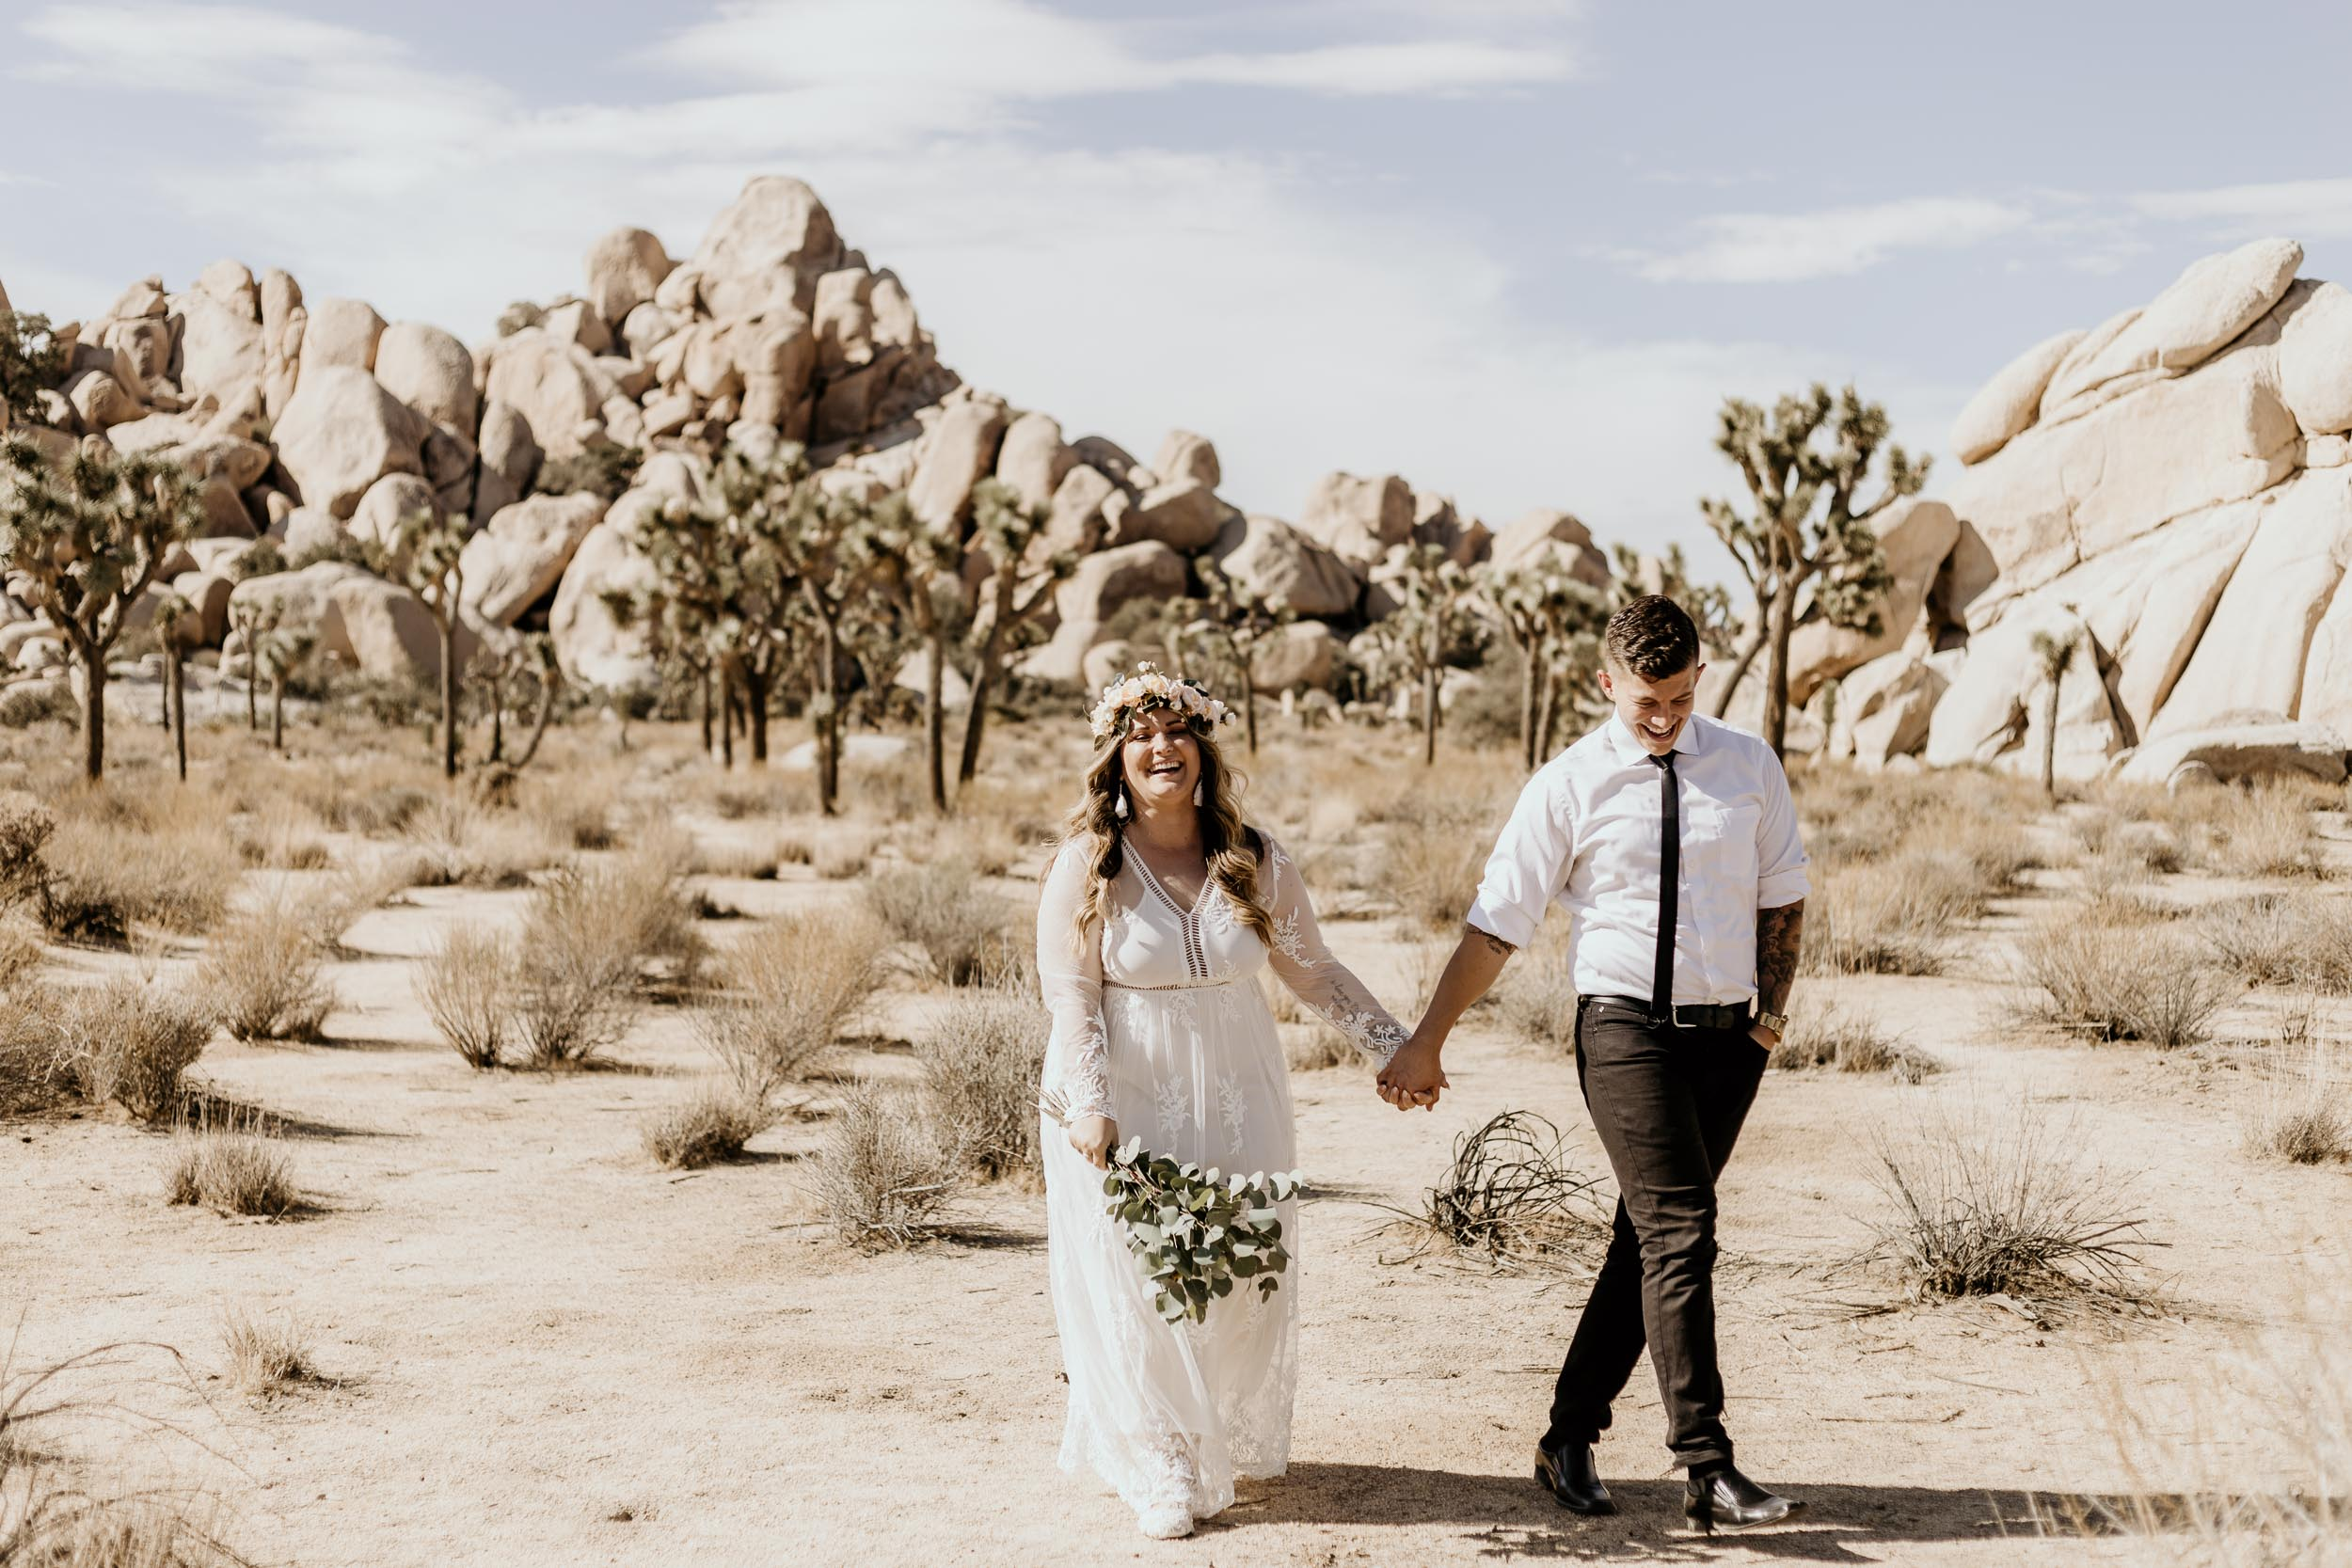 intimate-wedding-elopement-photographer-ottawa-joshua-tree-0352.jpg